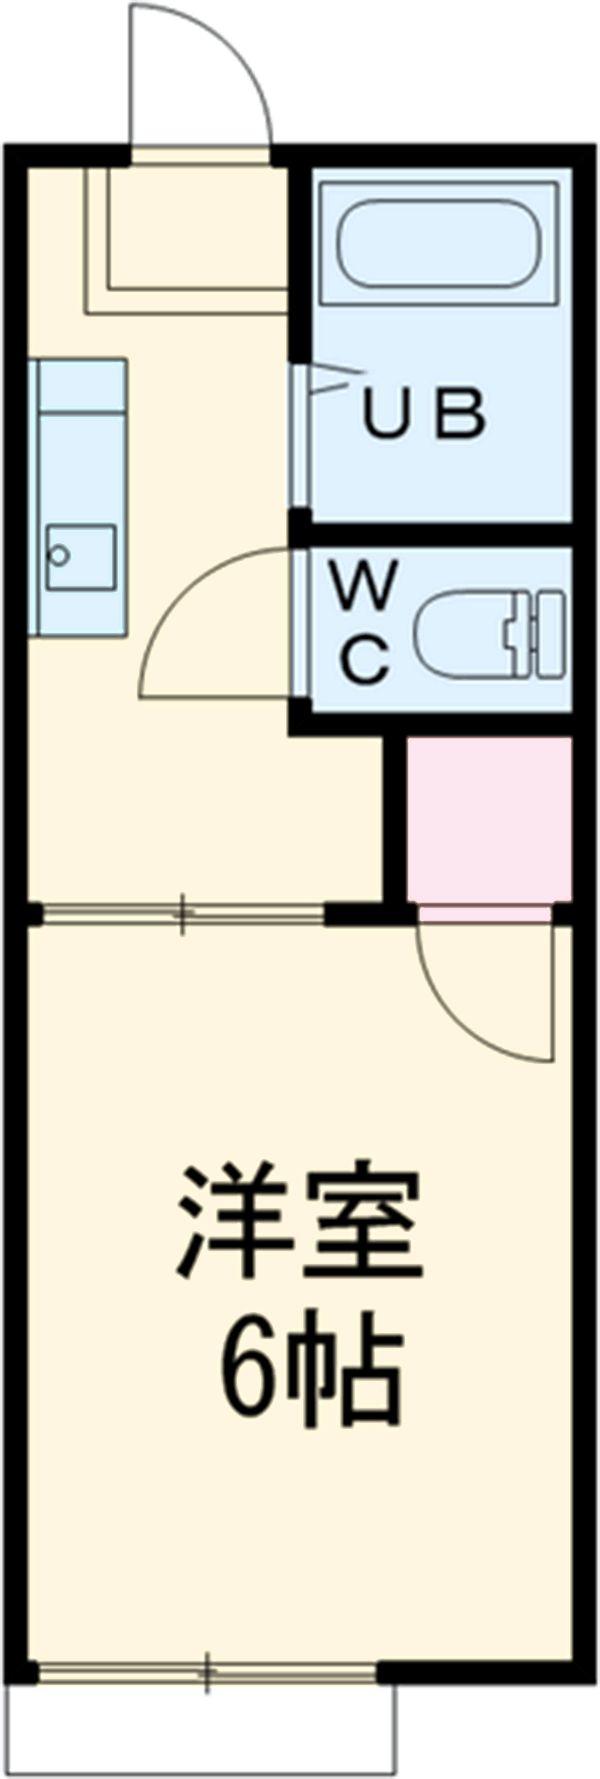 第二サフランハイツ 2-B号室の間取り